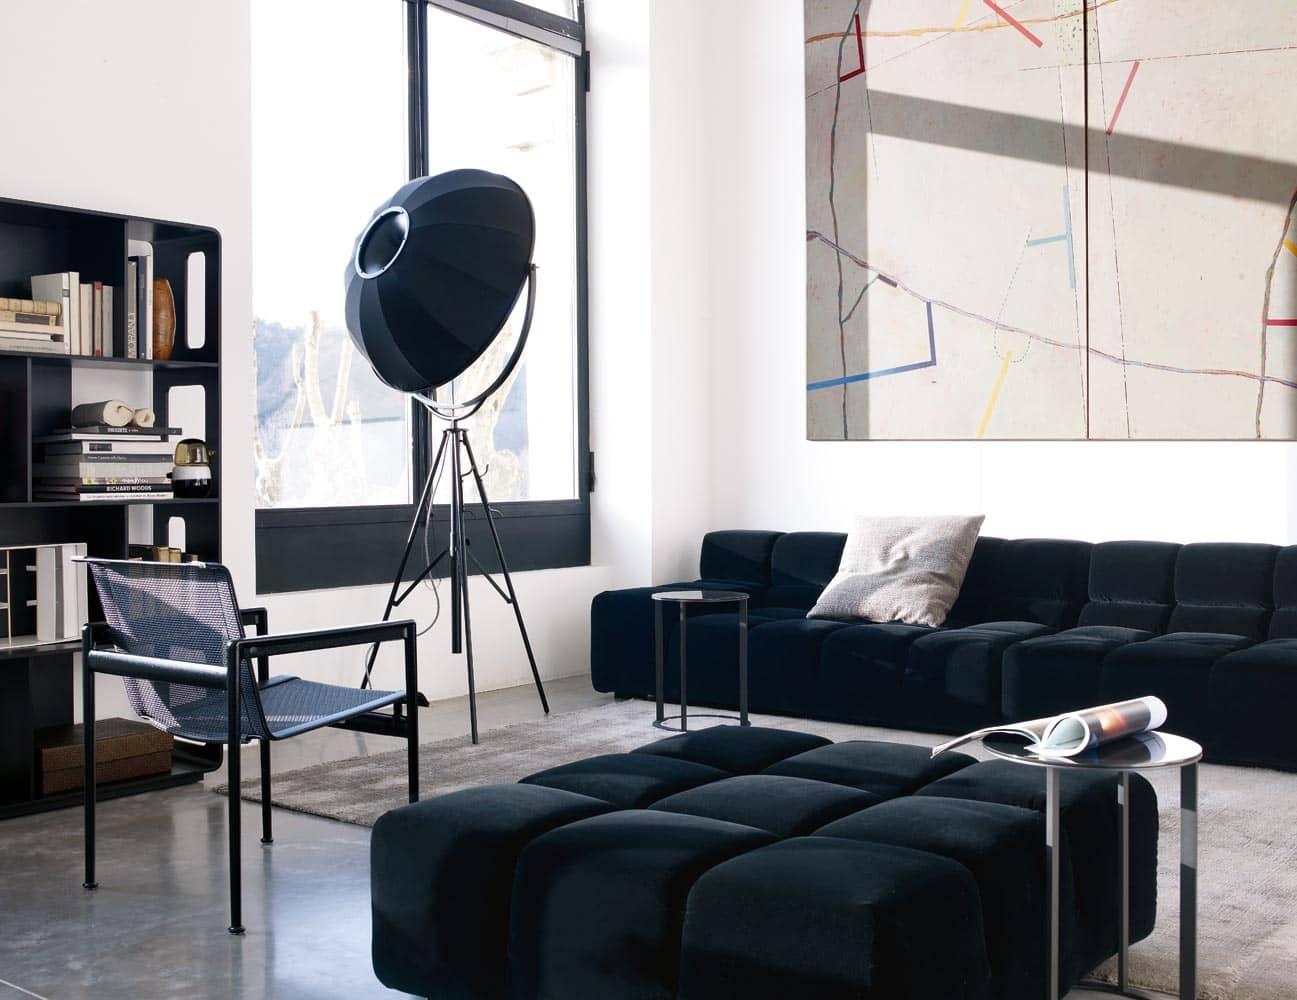 In einer Wohnzimmerecke sieht man zwei Module des Sofas Tufty-Time von Patricia Urquiola für B&B Italia in schwarz vor einem abstrakten Gemälde.